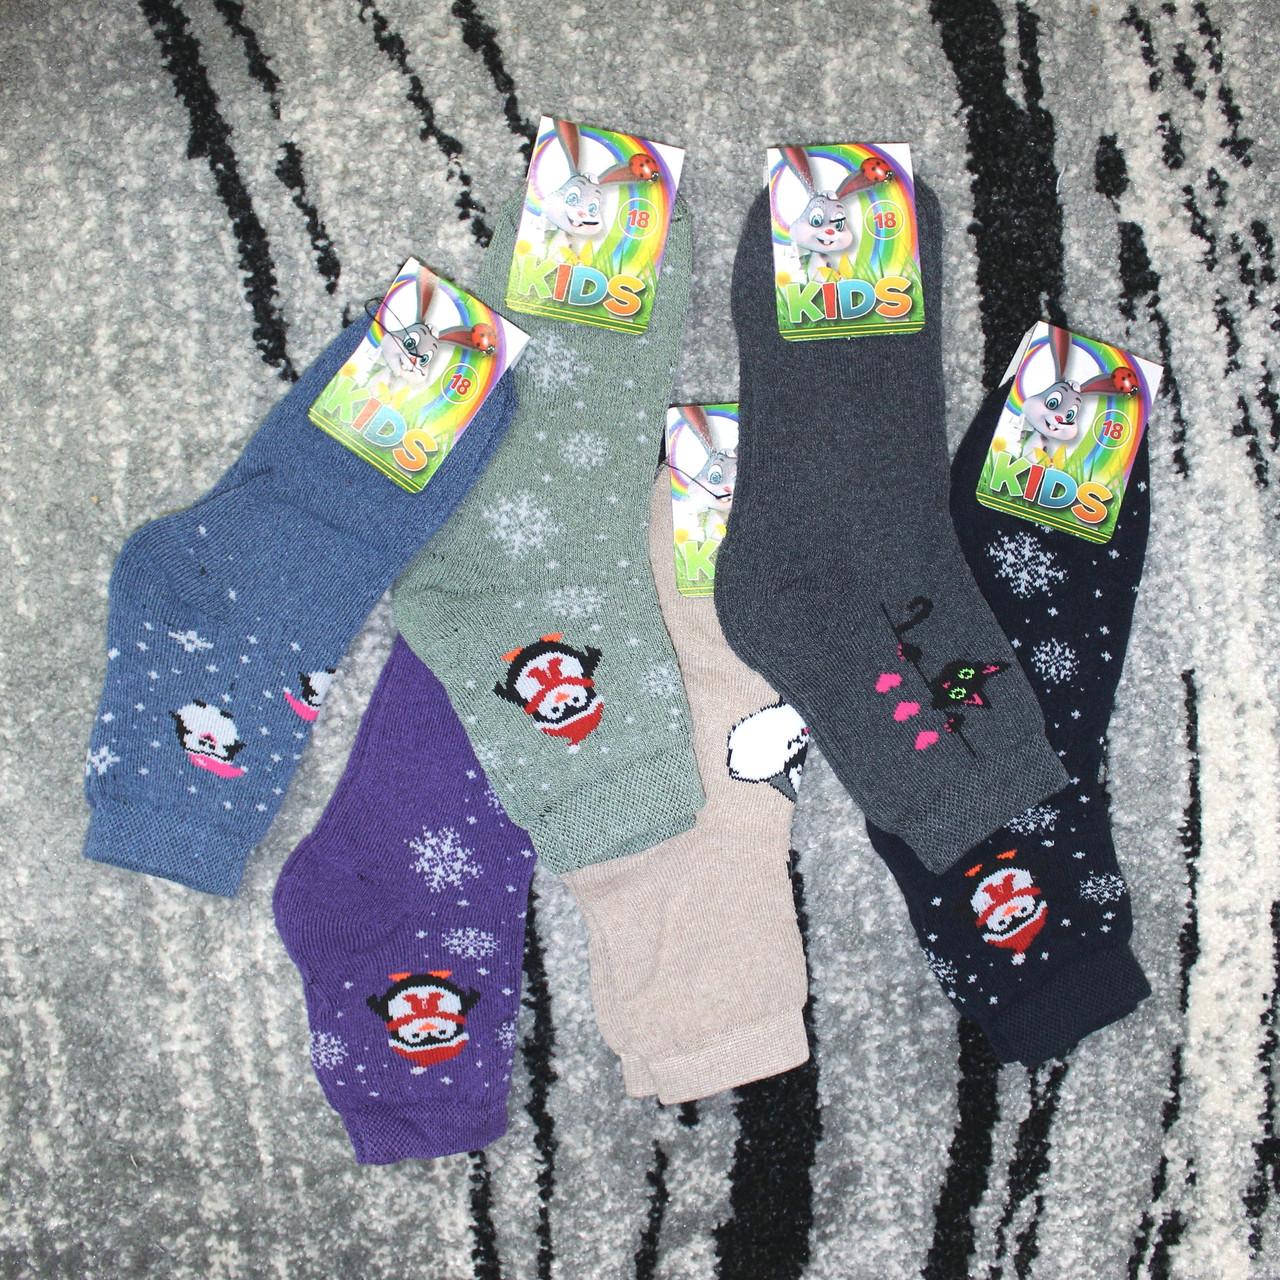 Носки махровые Камис мальчик (В упаковке 12 пар) р-р 20